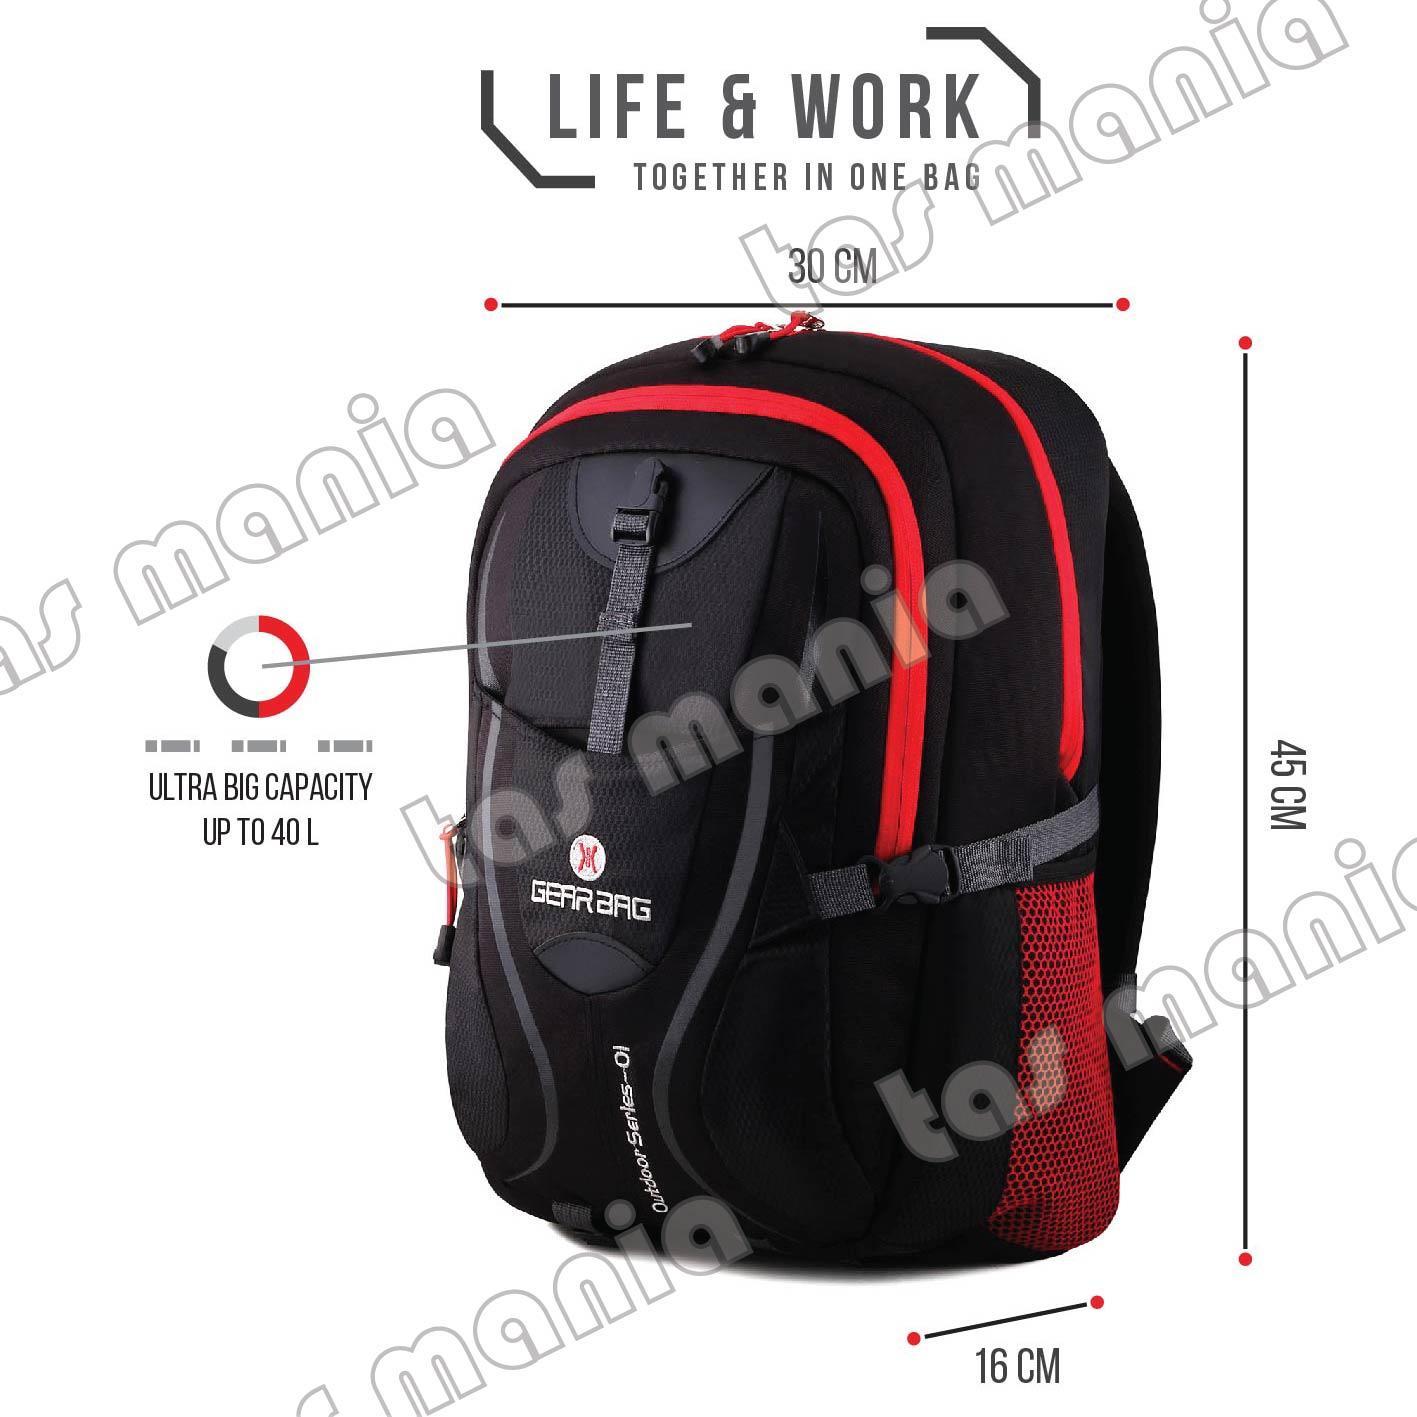 Tas Ransel Gear Bag - Scorpion X87 Tas Laptop Backpack - Black Red .